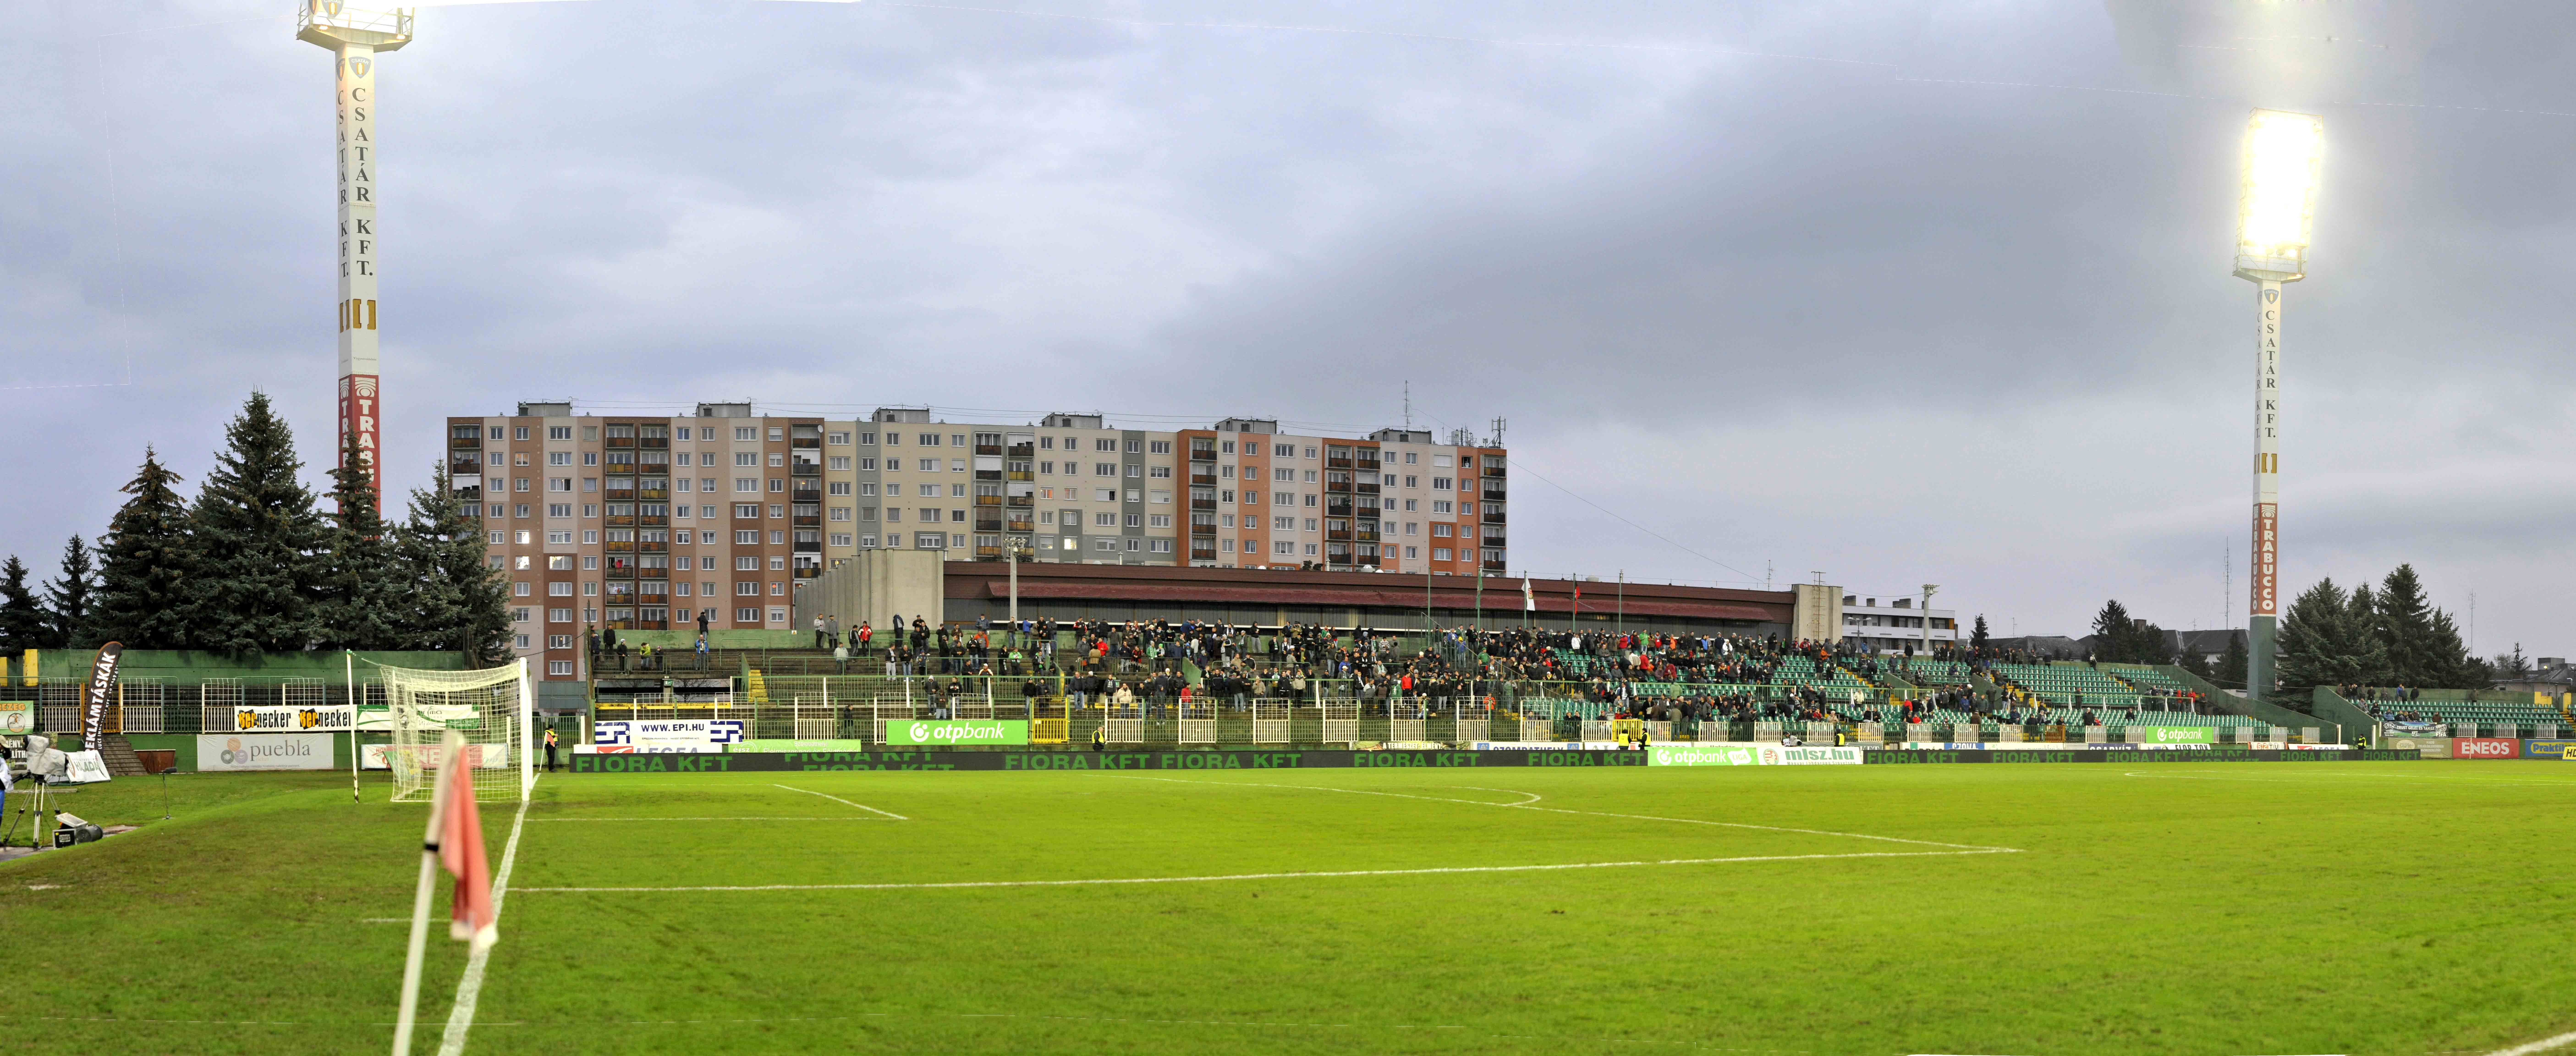 Szombathelyi Haladas - Pecsi MFC, Haladás Sportkomplexum